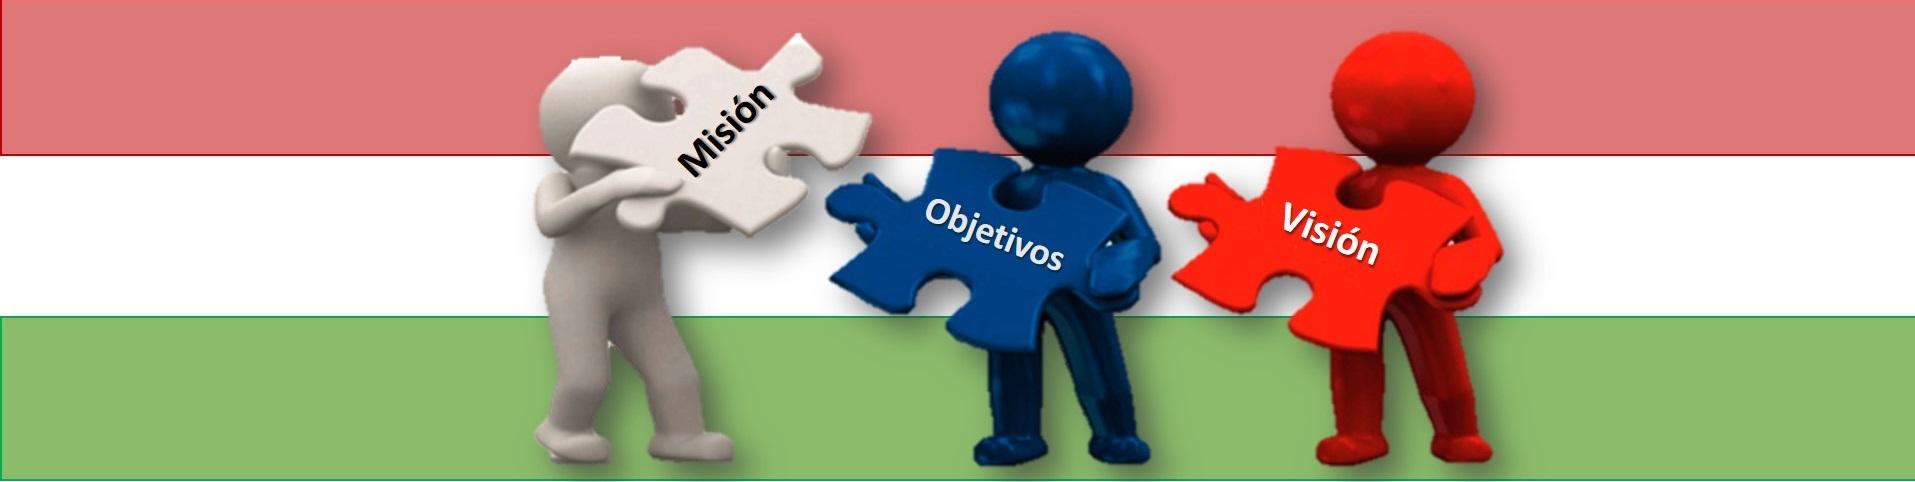 Banner representativo de la Misión, Objetivos y Visión